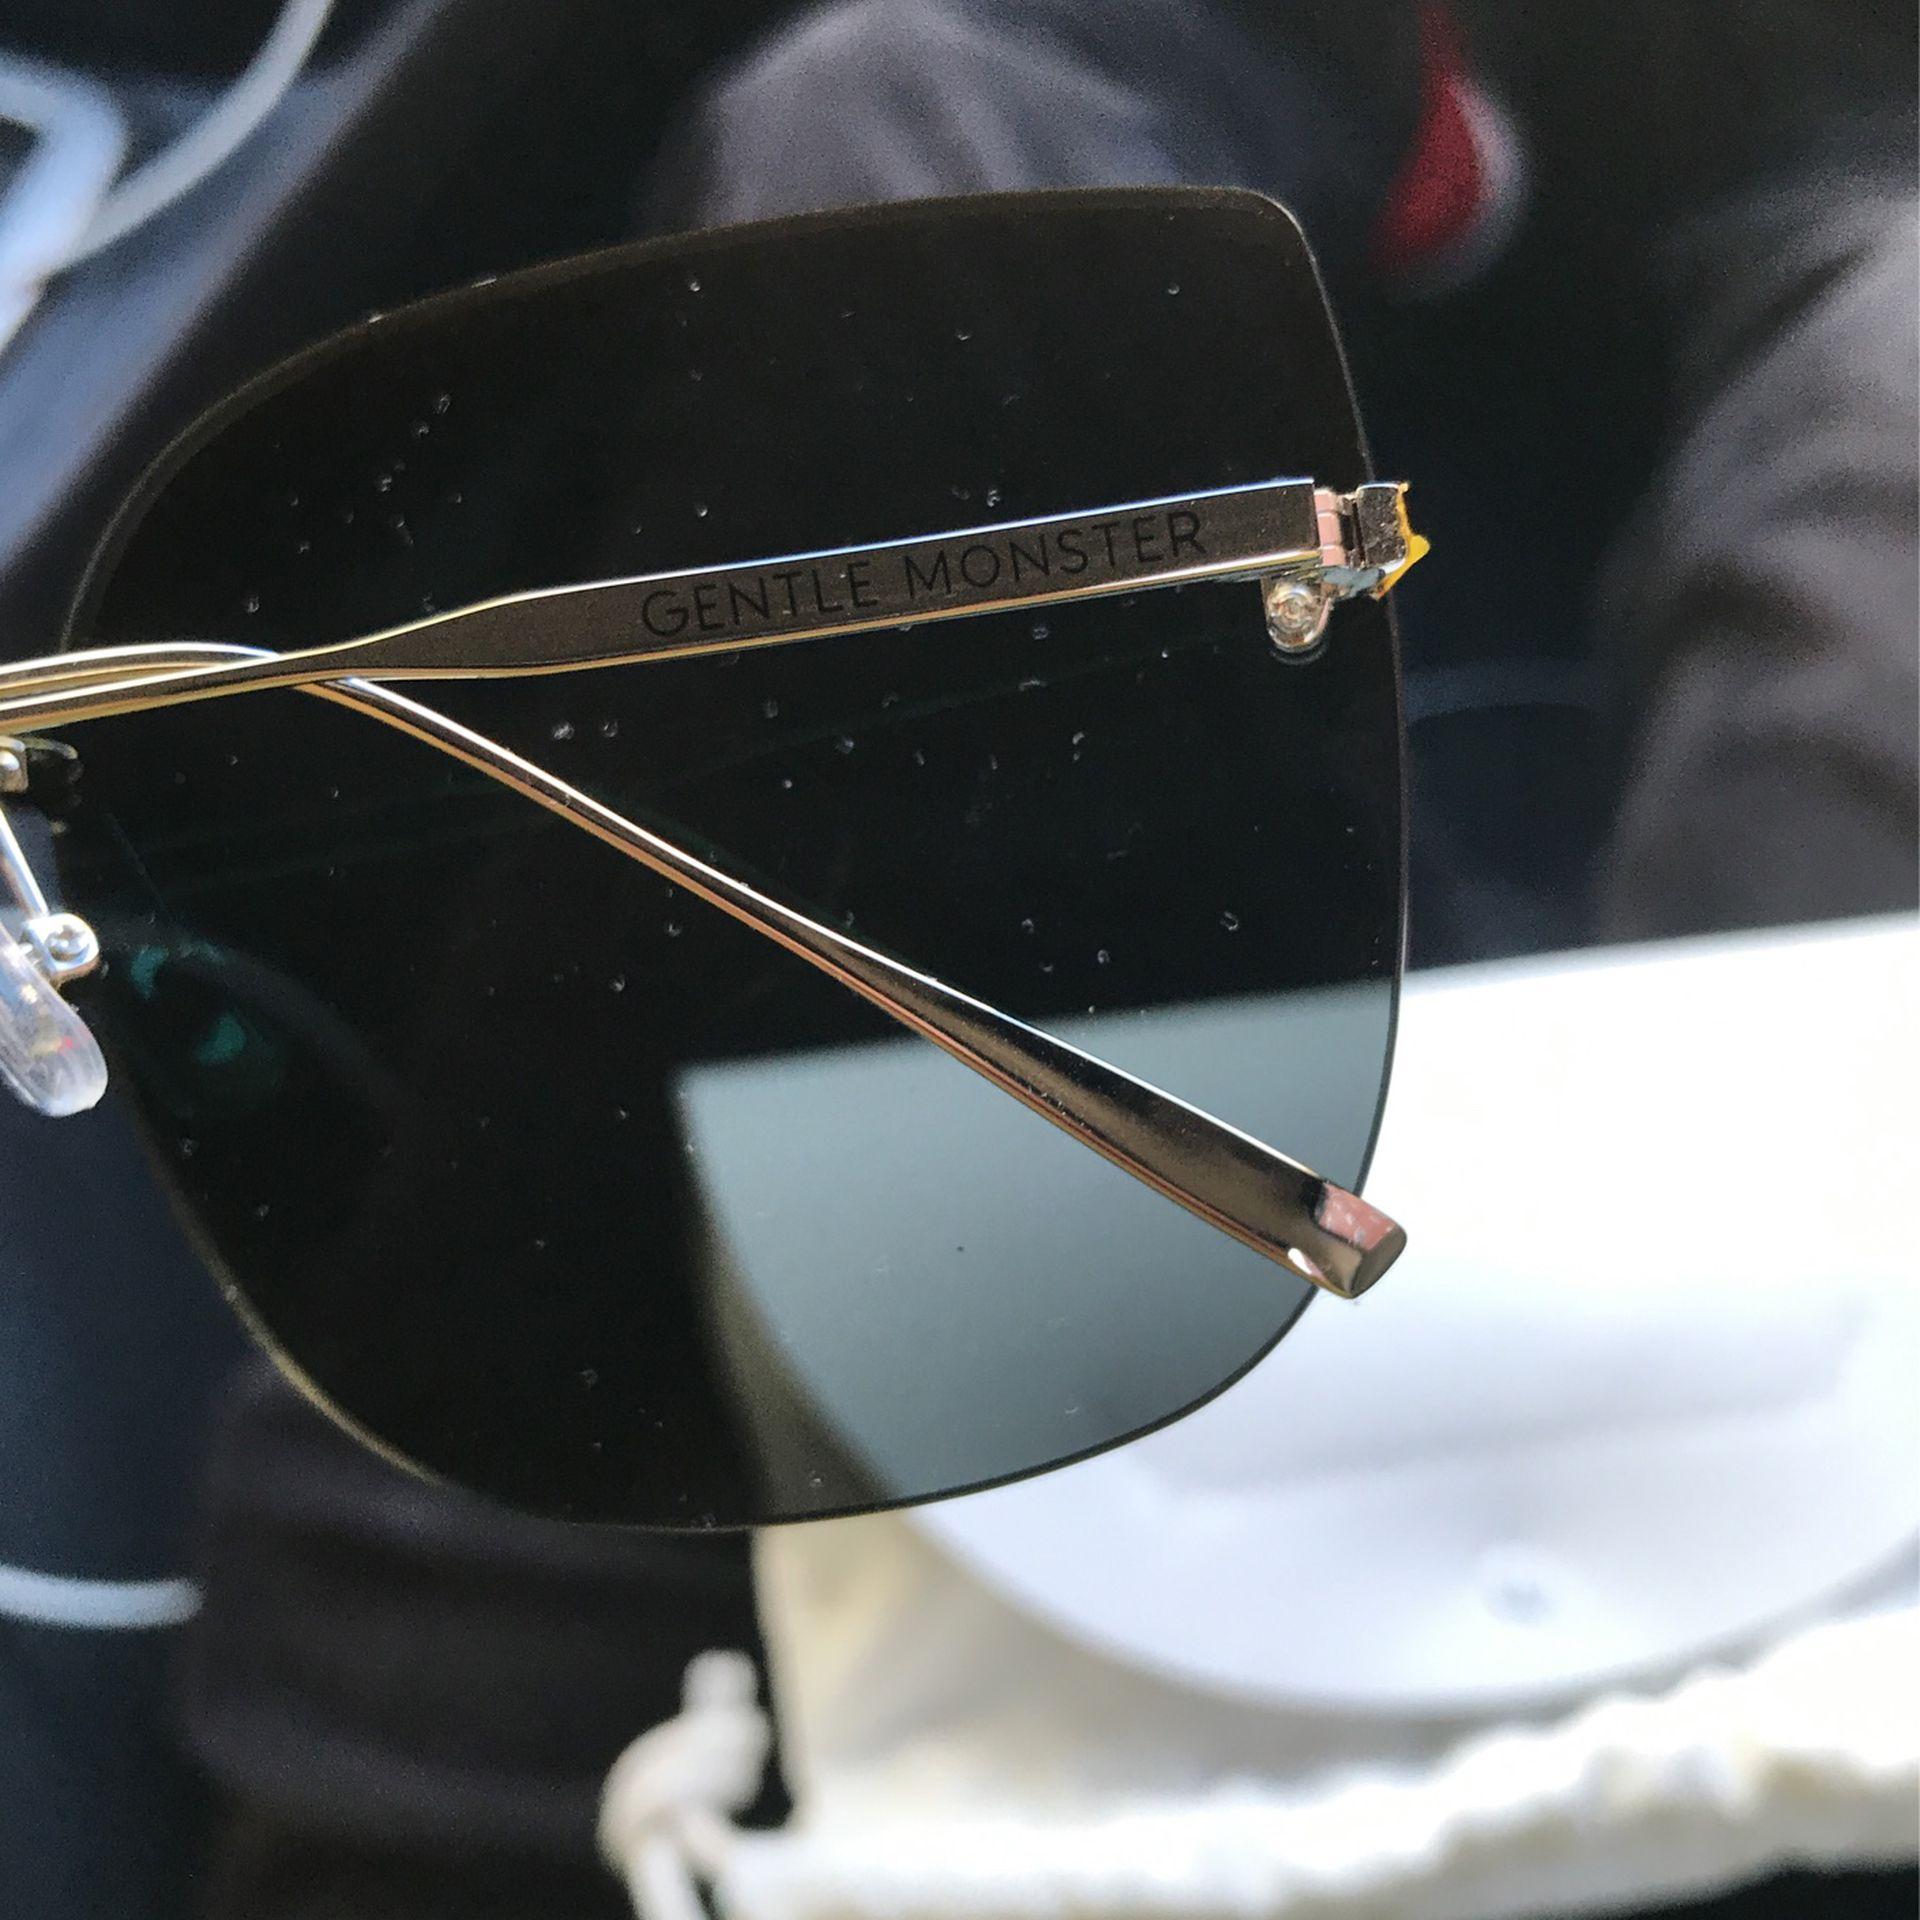 Gentle Monster Glasses